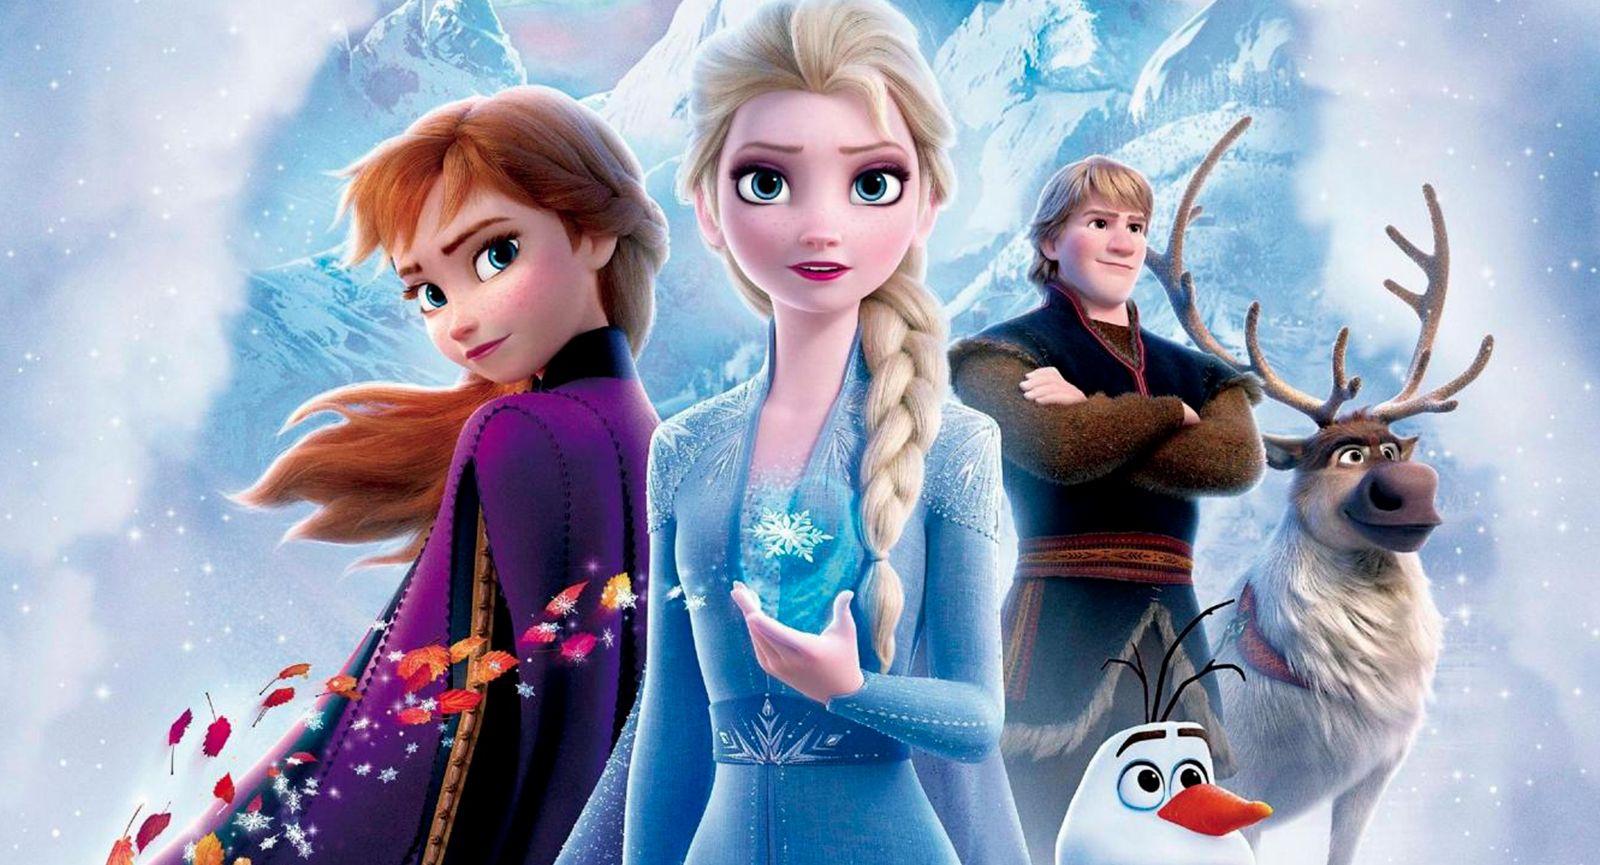 La Reine des Neiges règne toujours sur le monde Disney